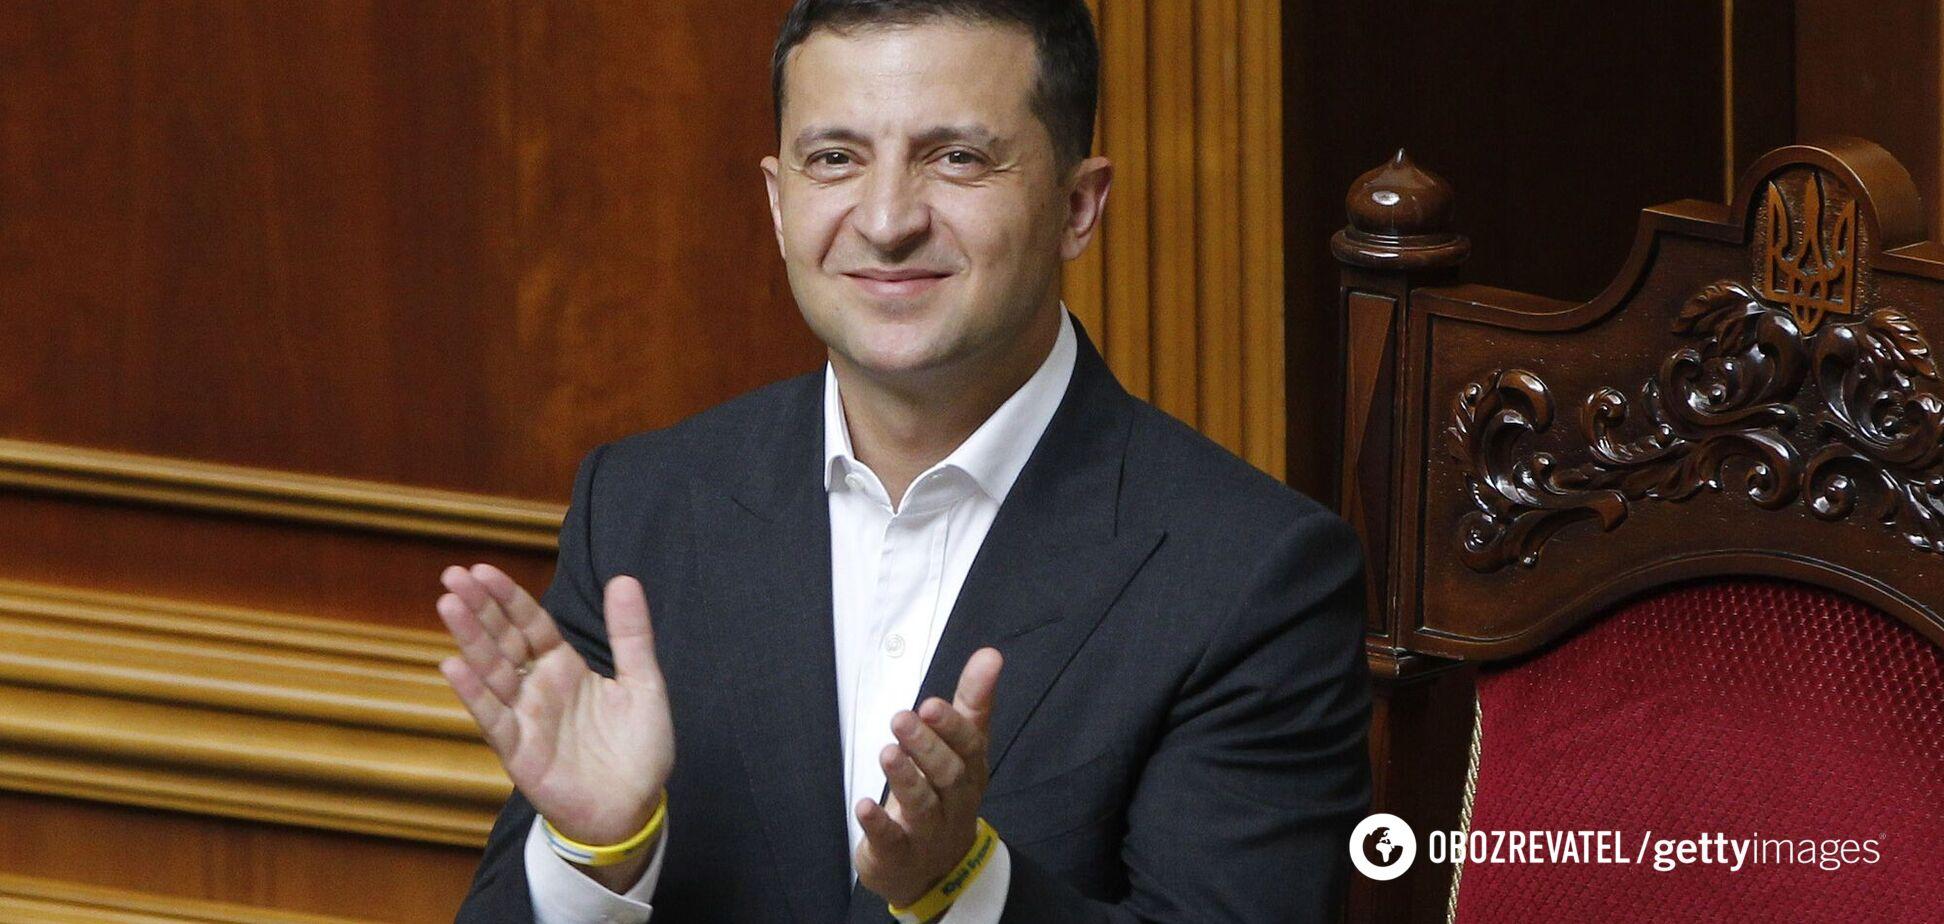 Зеленский рассказал, как накажет олигархов в Украине